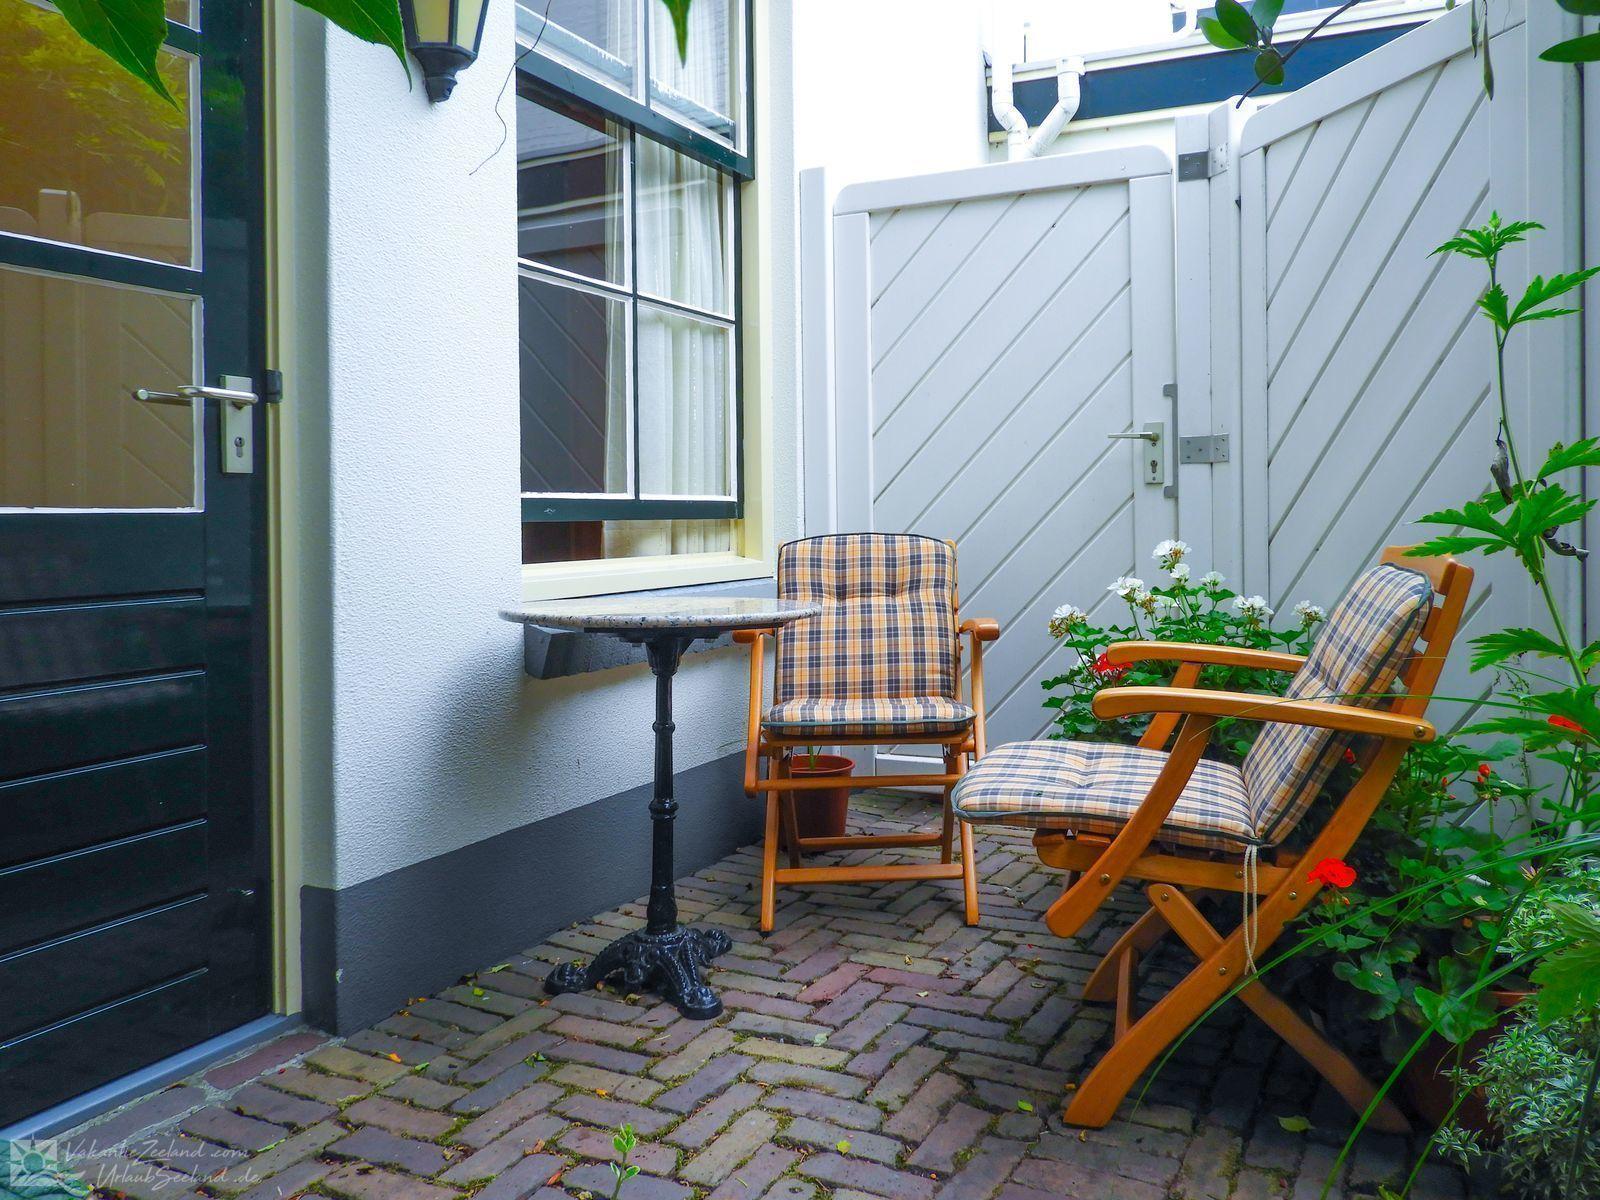 VZ233 Einraumwohnung in Colijnsplaat